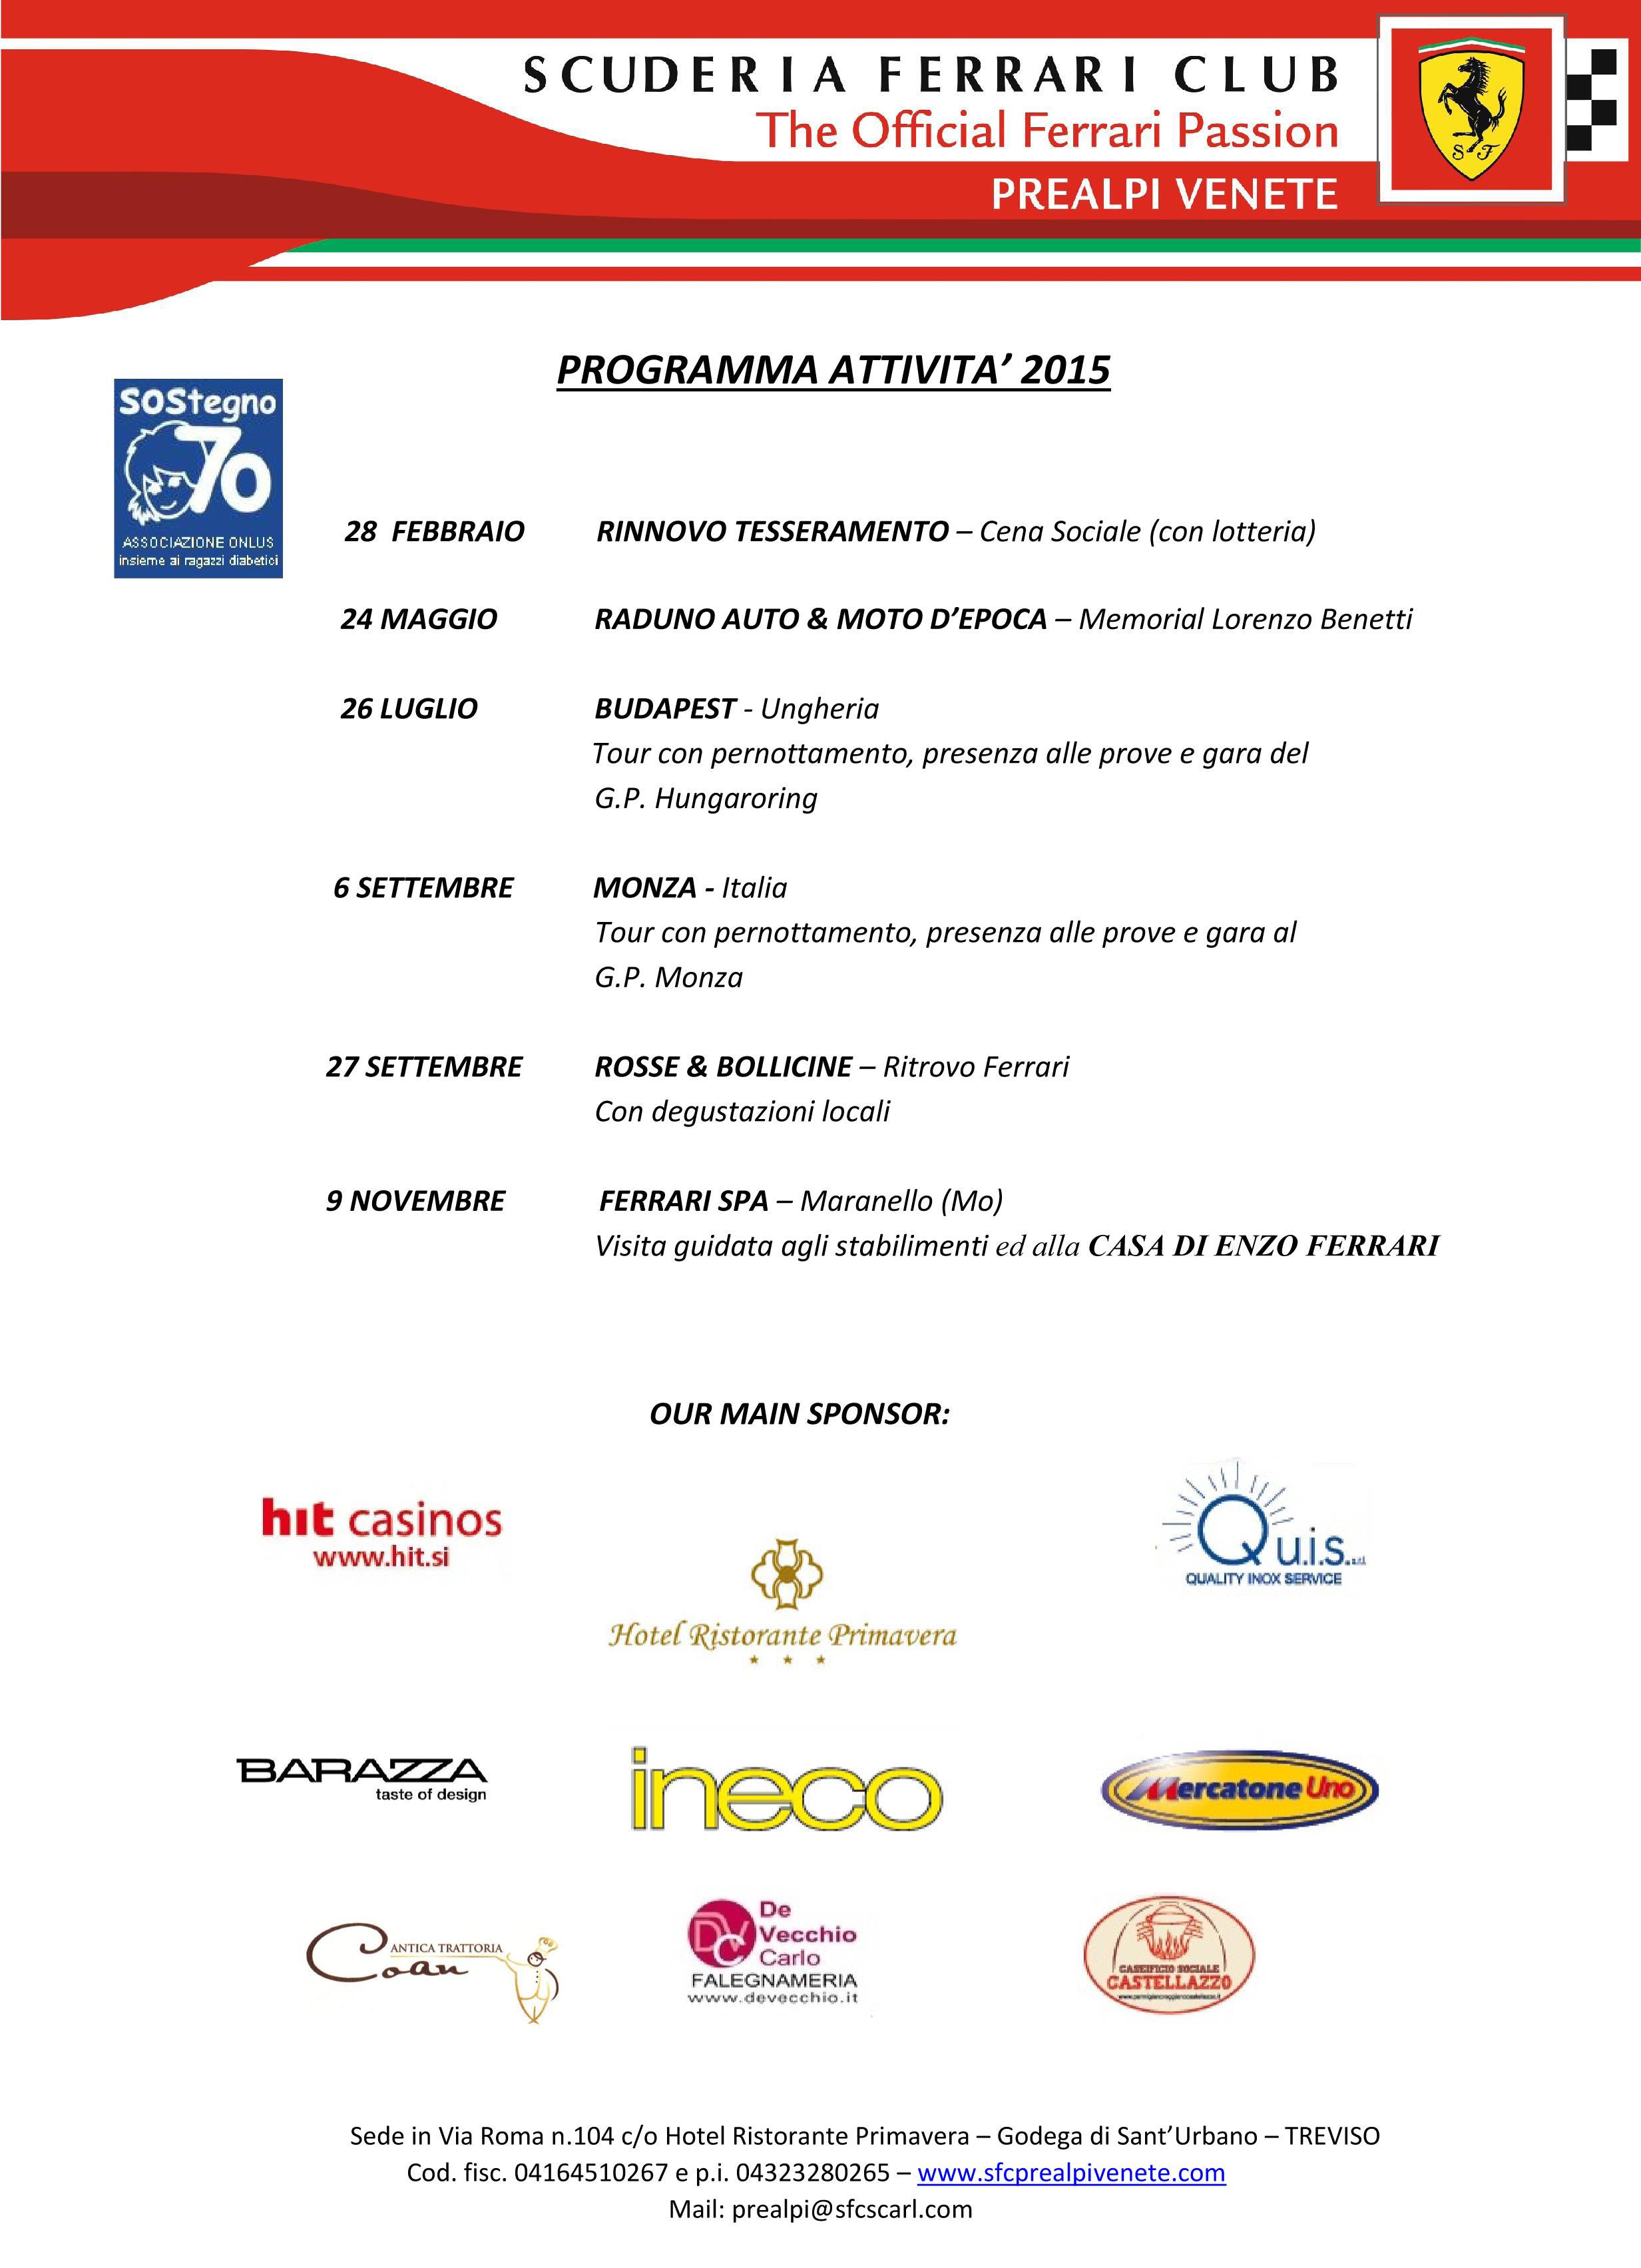 Programma Attività 2015